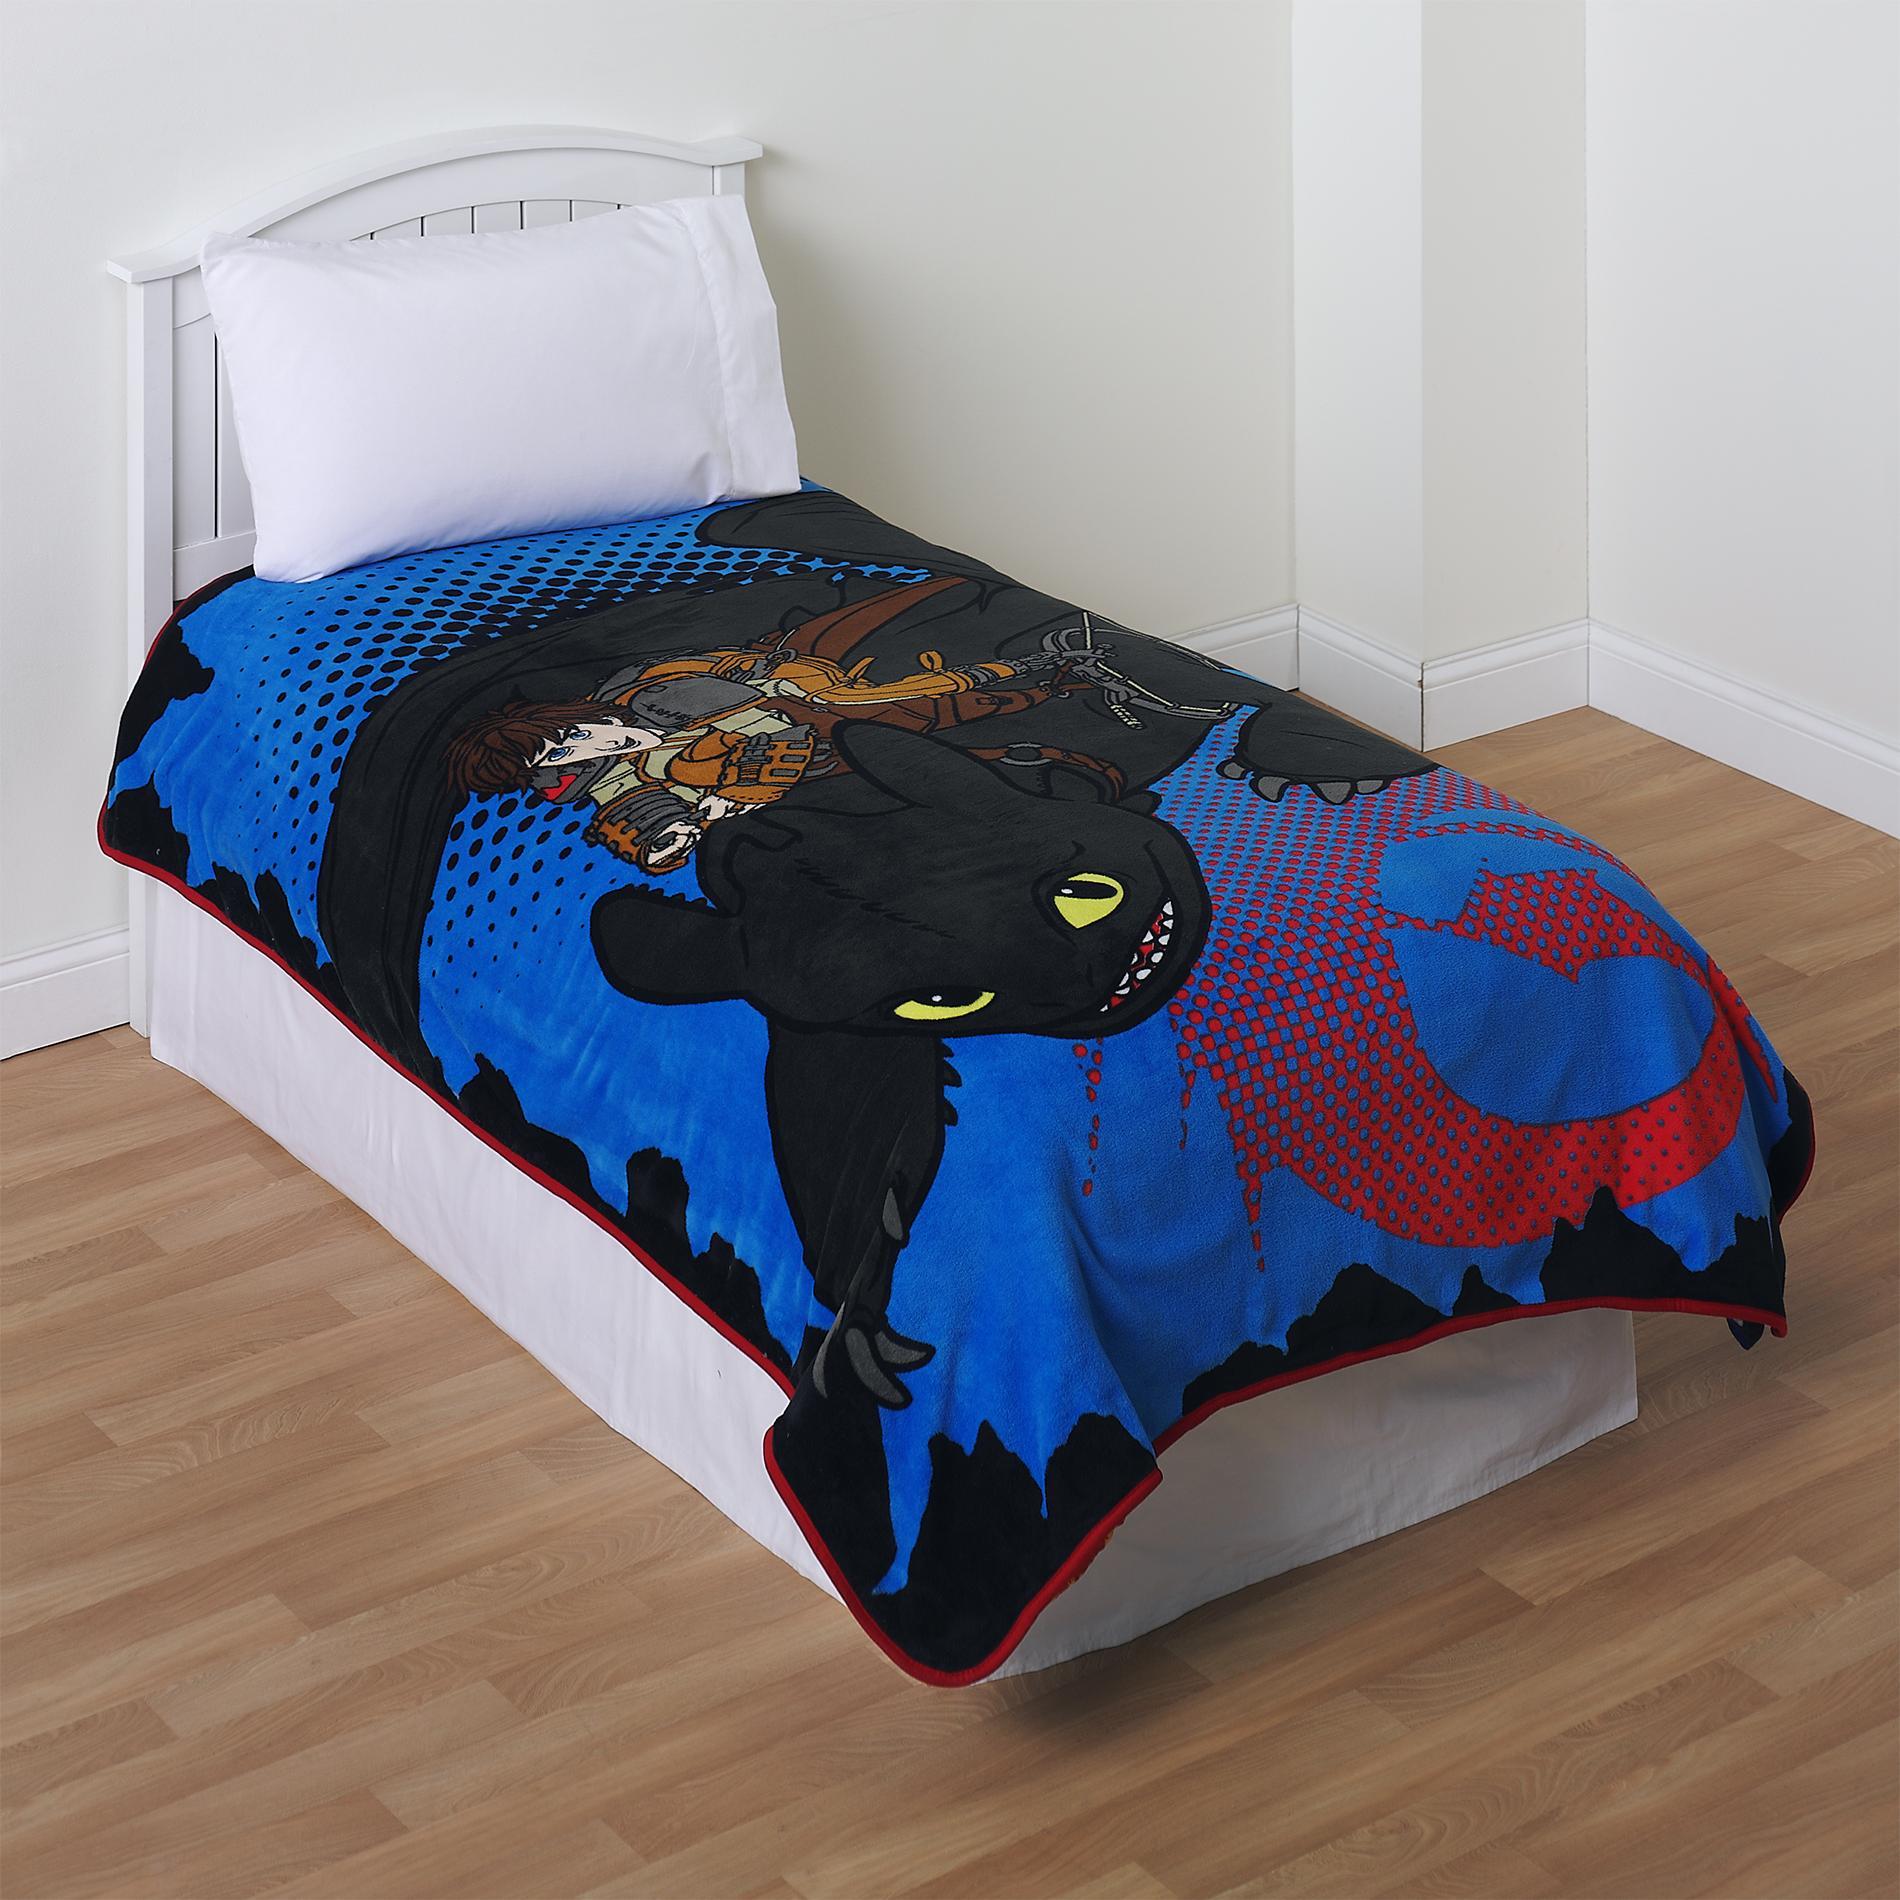 Dreamworks Train Dragon Fleece Blanket